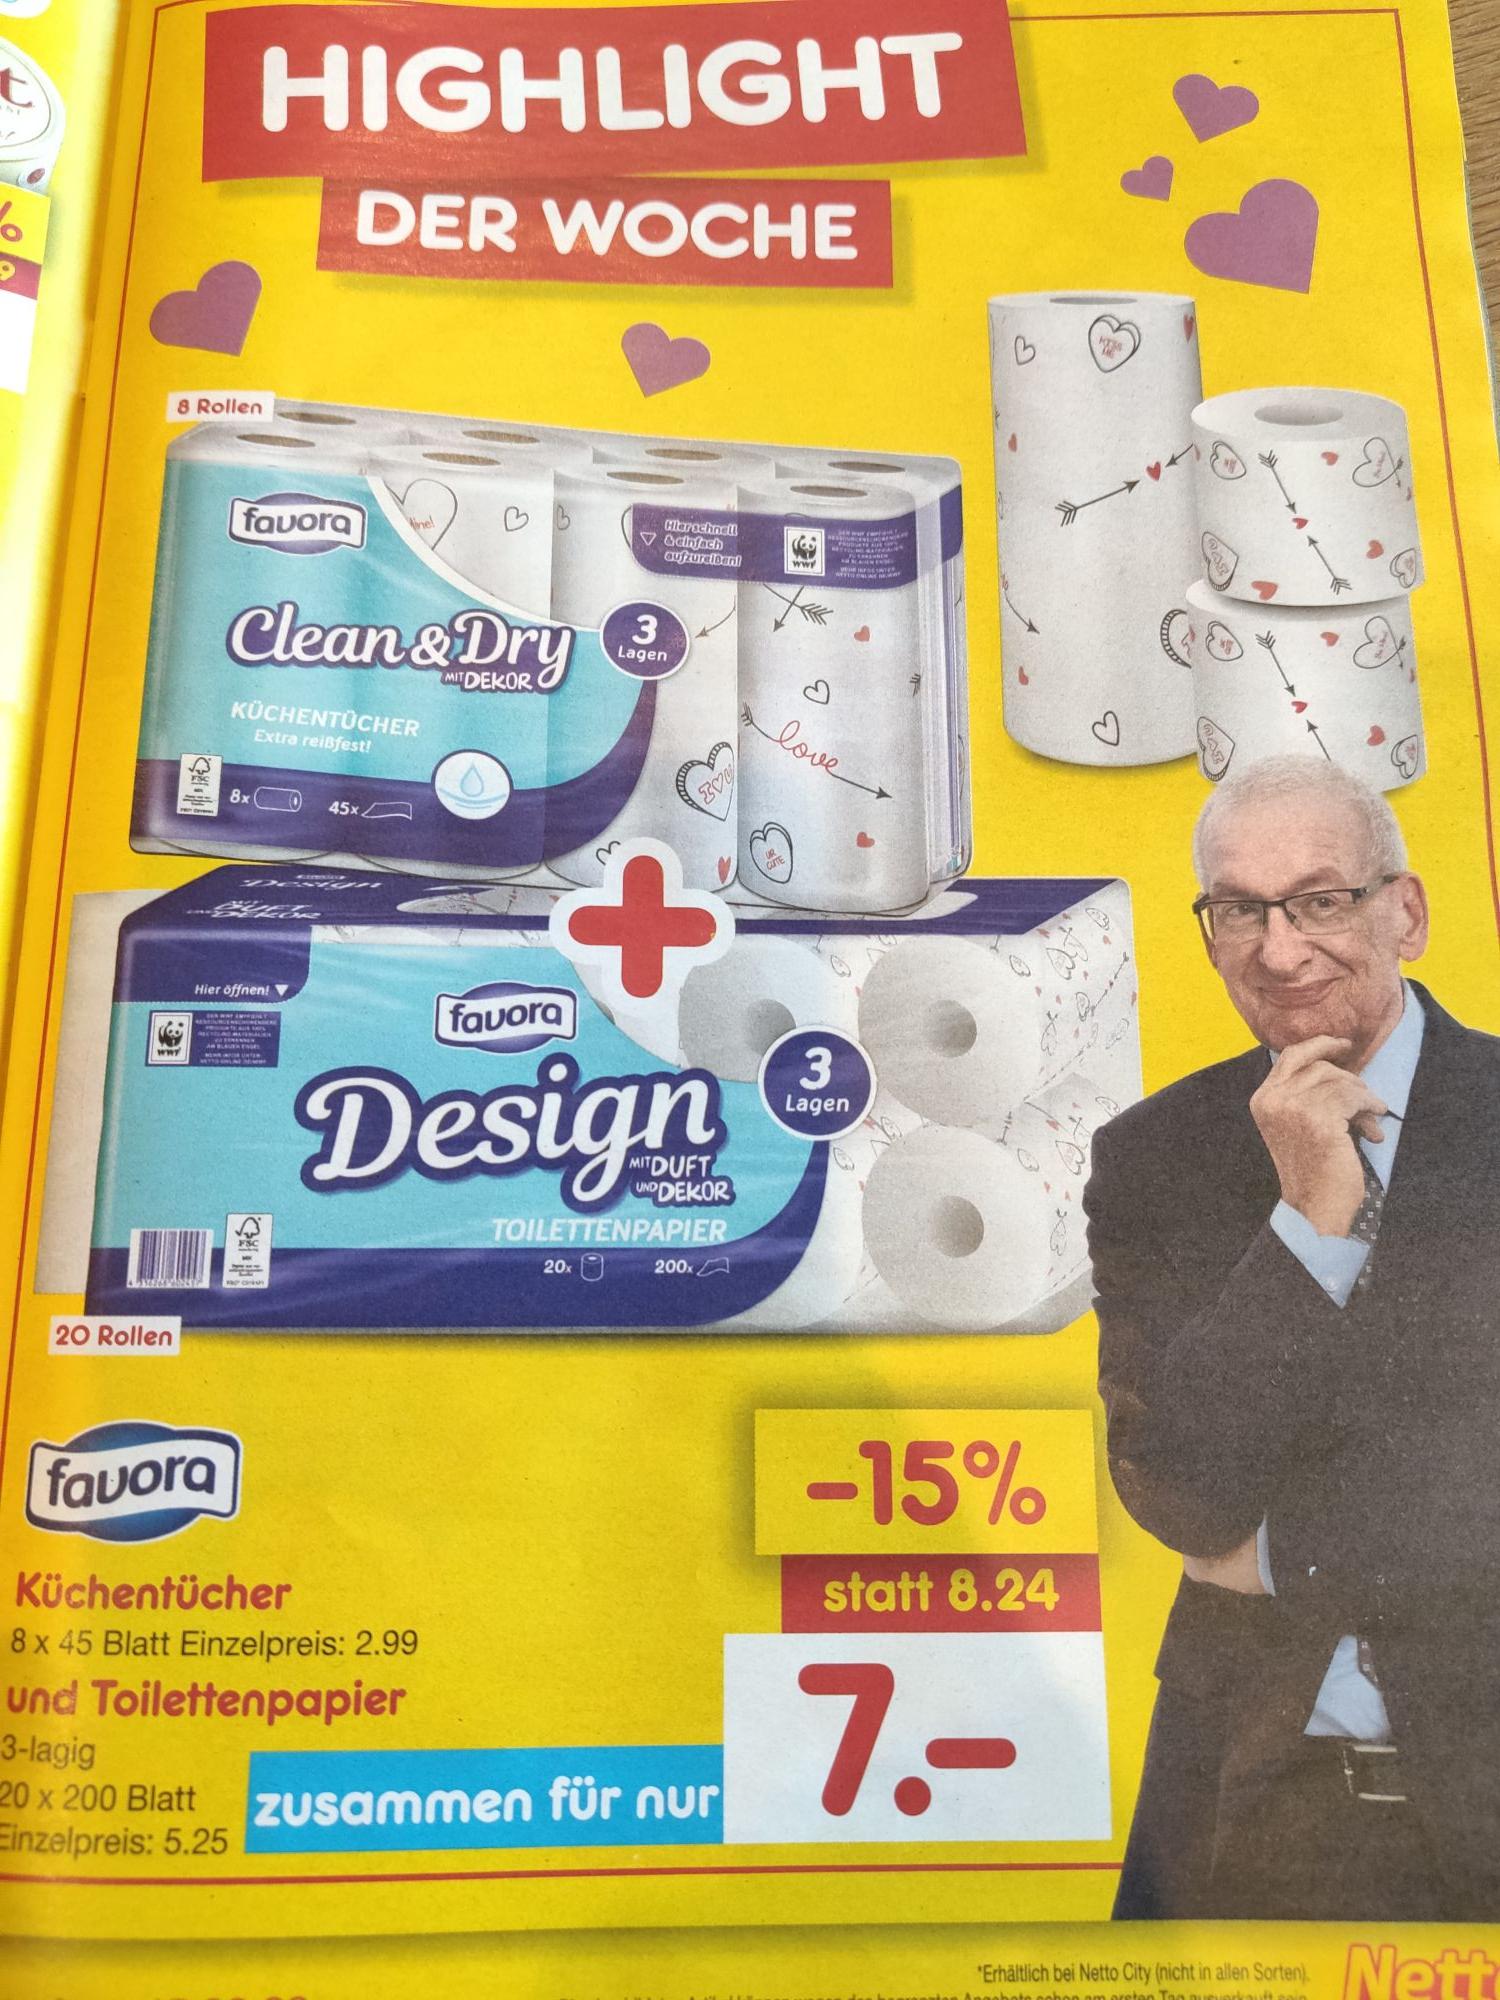 [Netto MD] Küchentücher und Toilettenpapier zusammen für 7€ statt 8,24